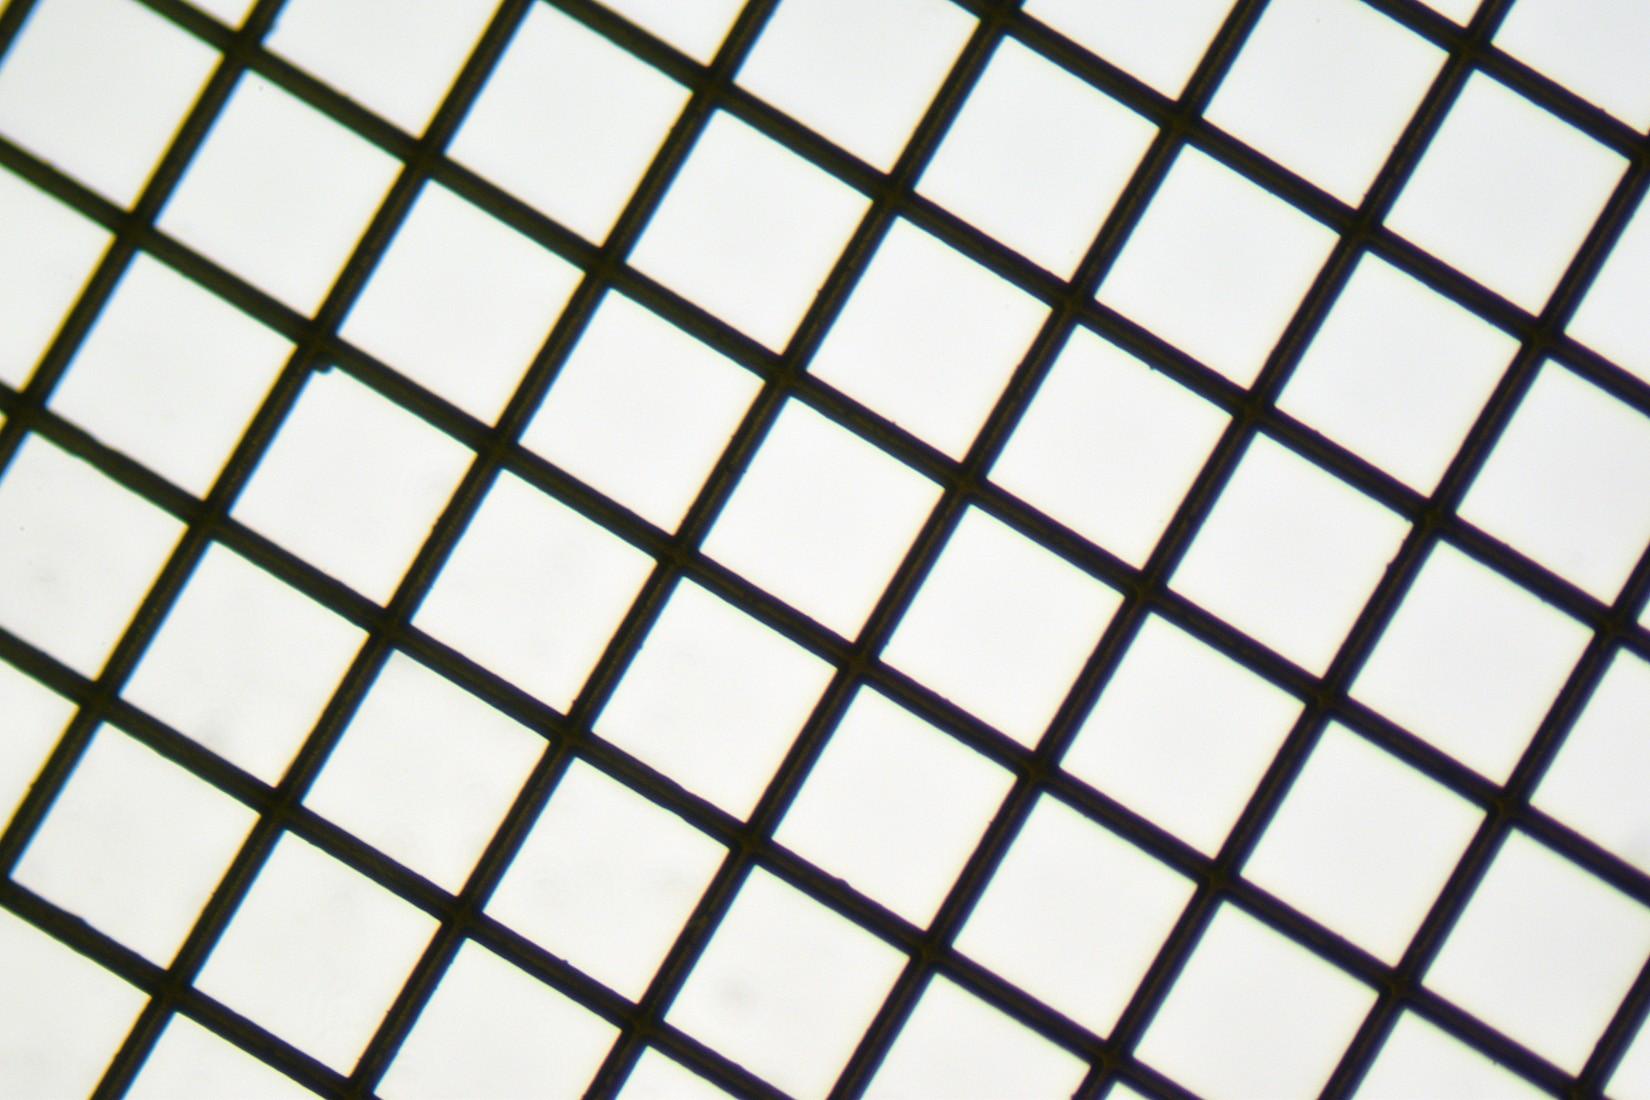 Copper 200 mesh Grids Square